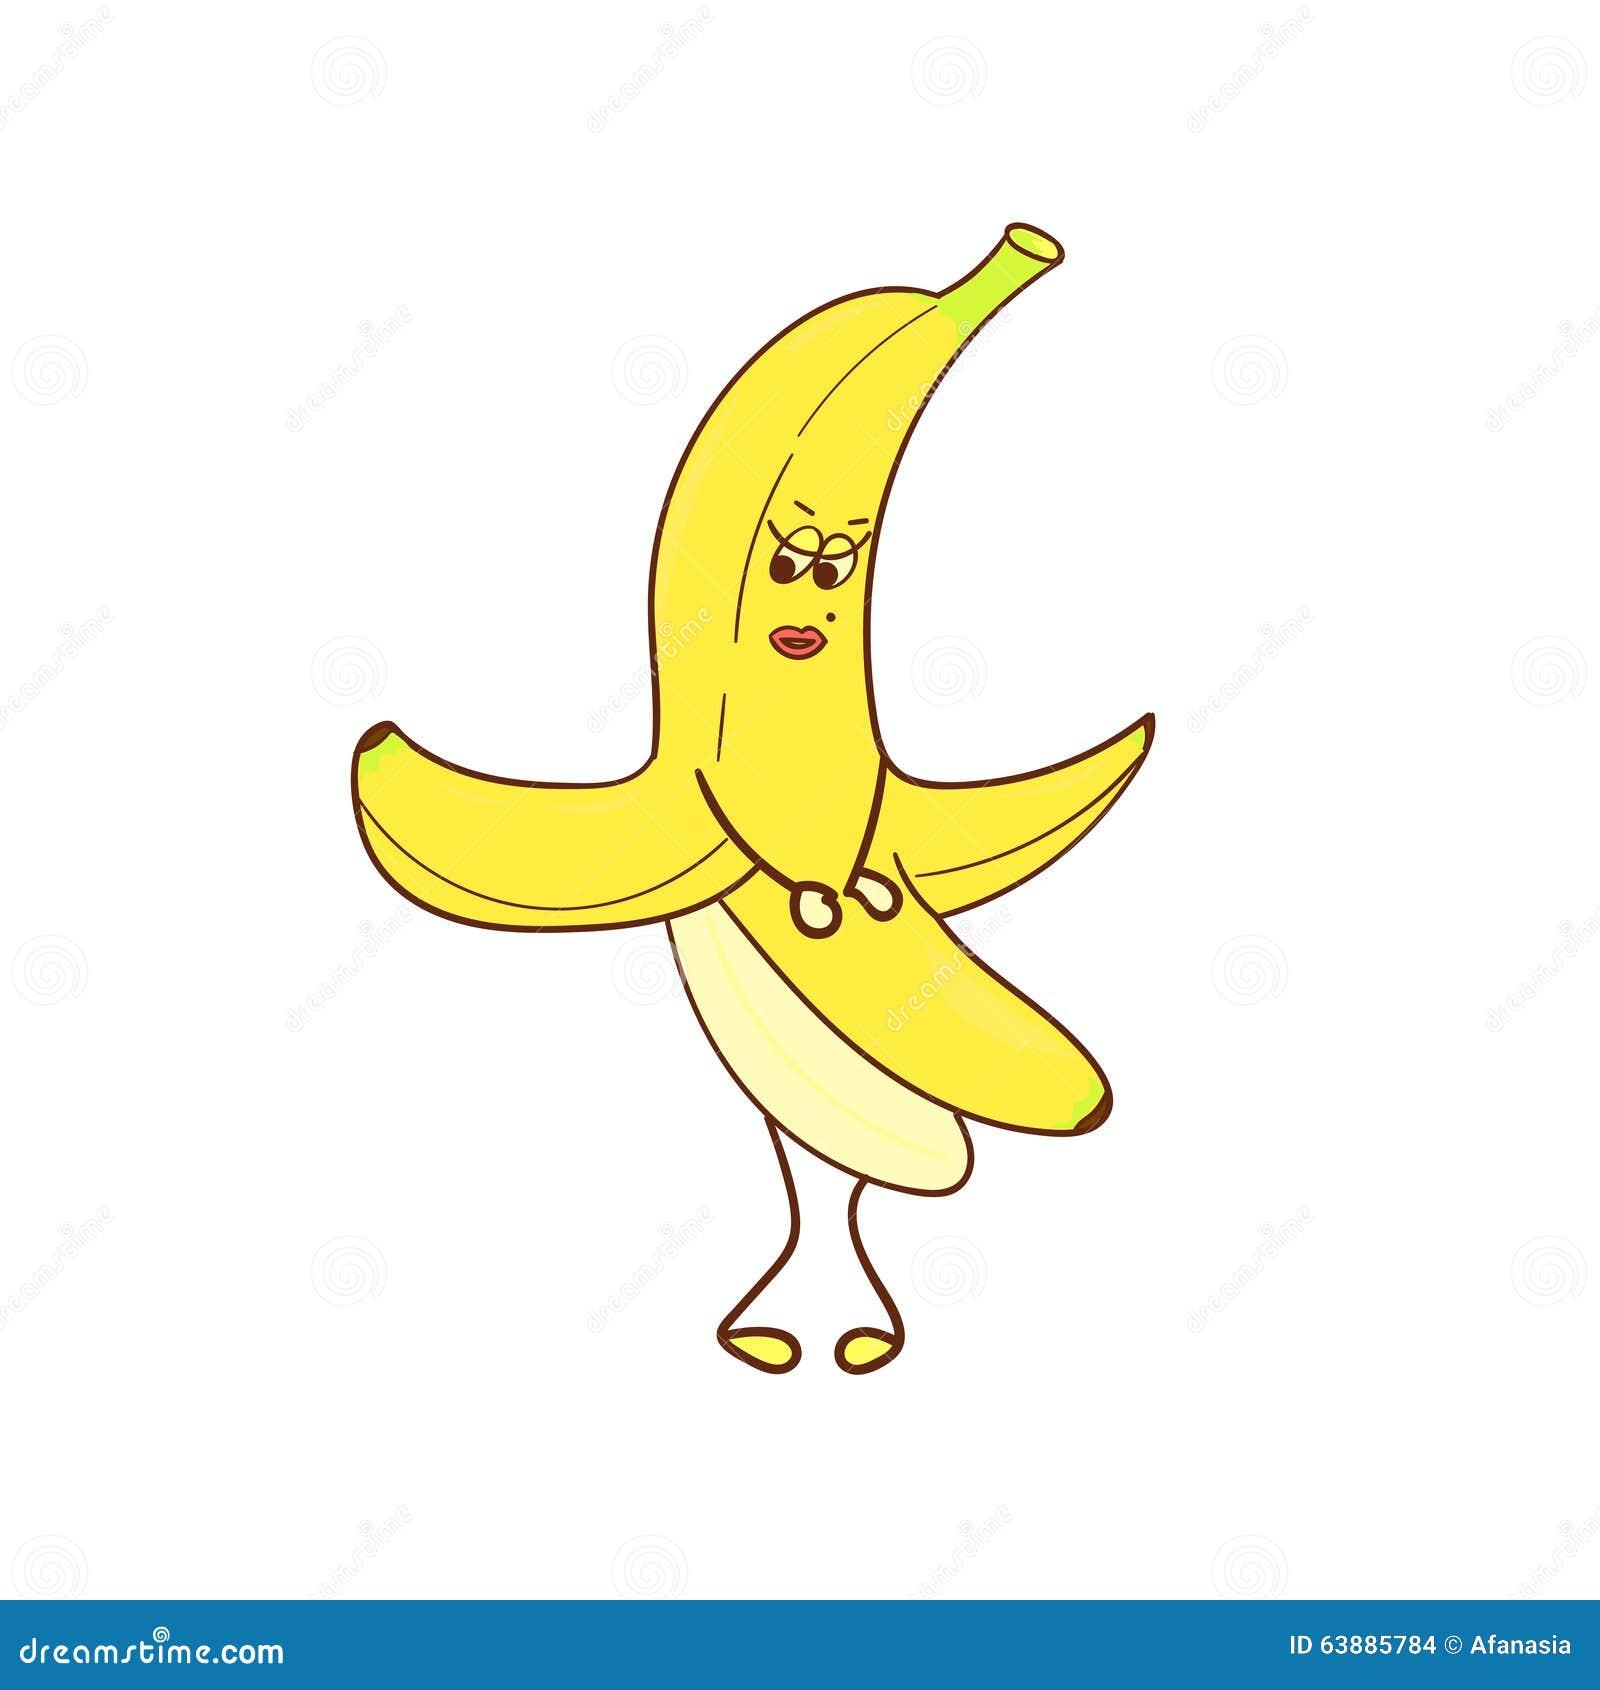 banana funny cartoon - photo #3